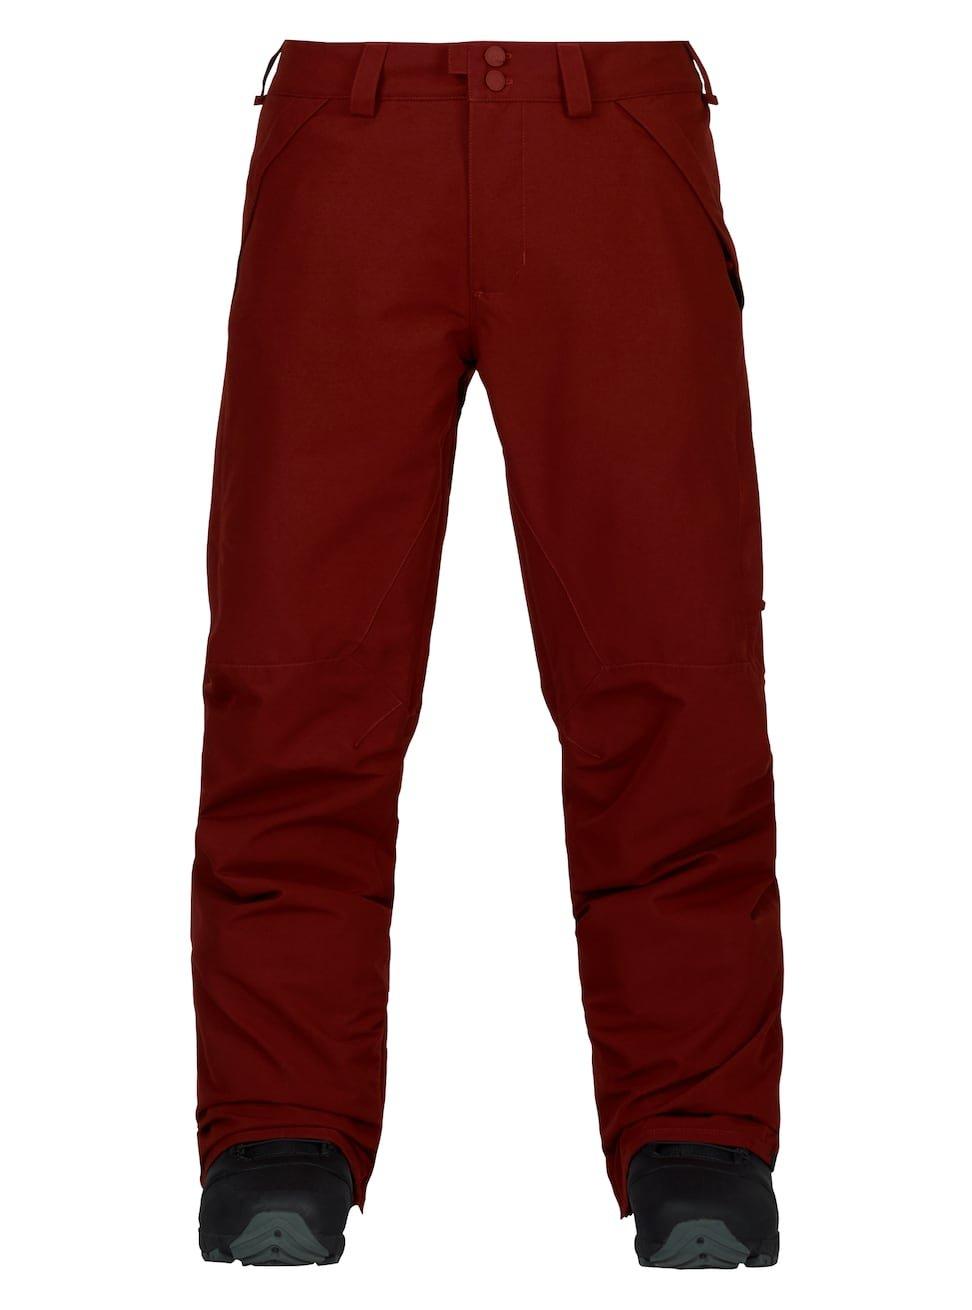 Burton Men's Vent Snow Pant